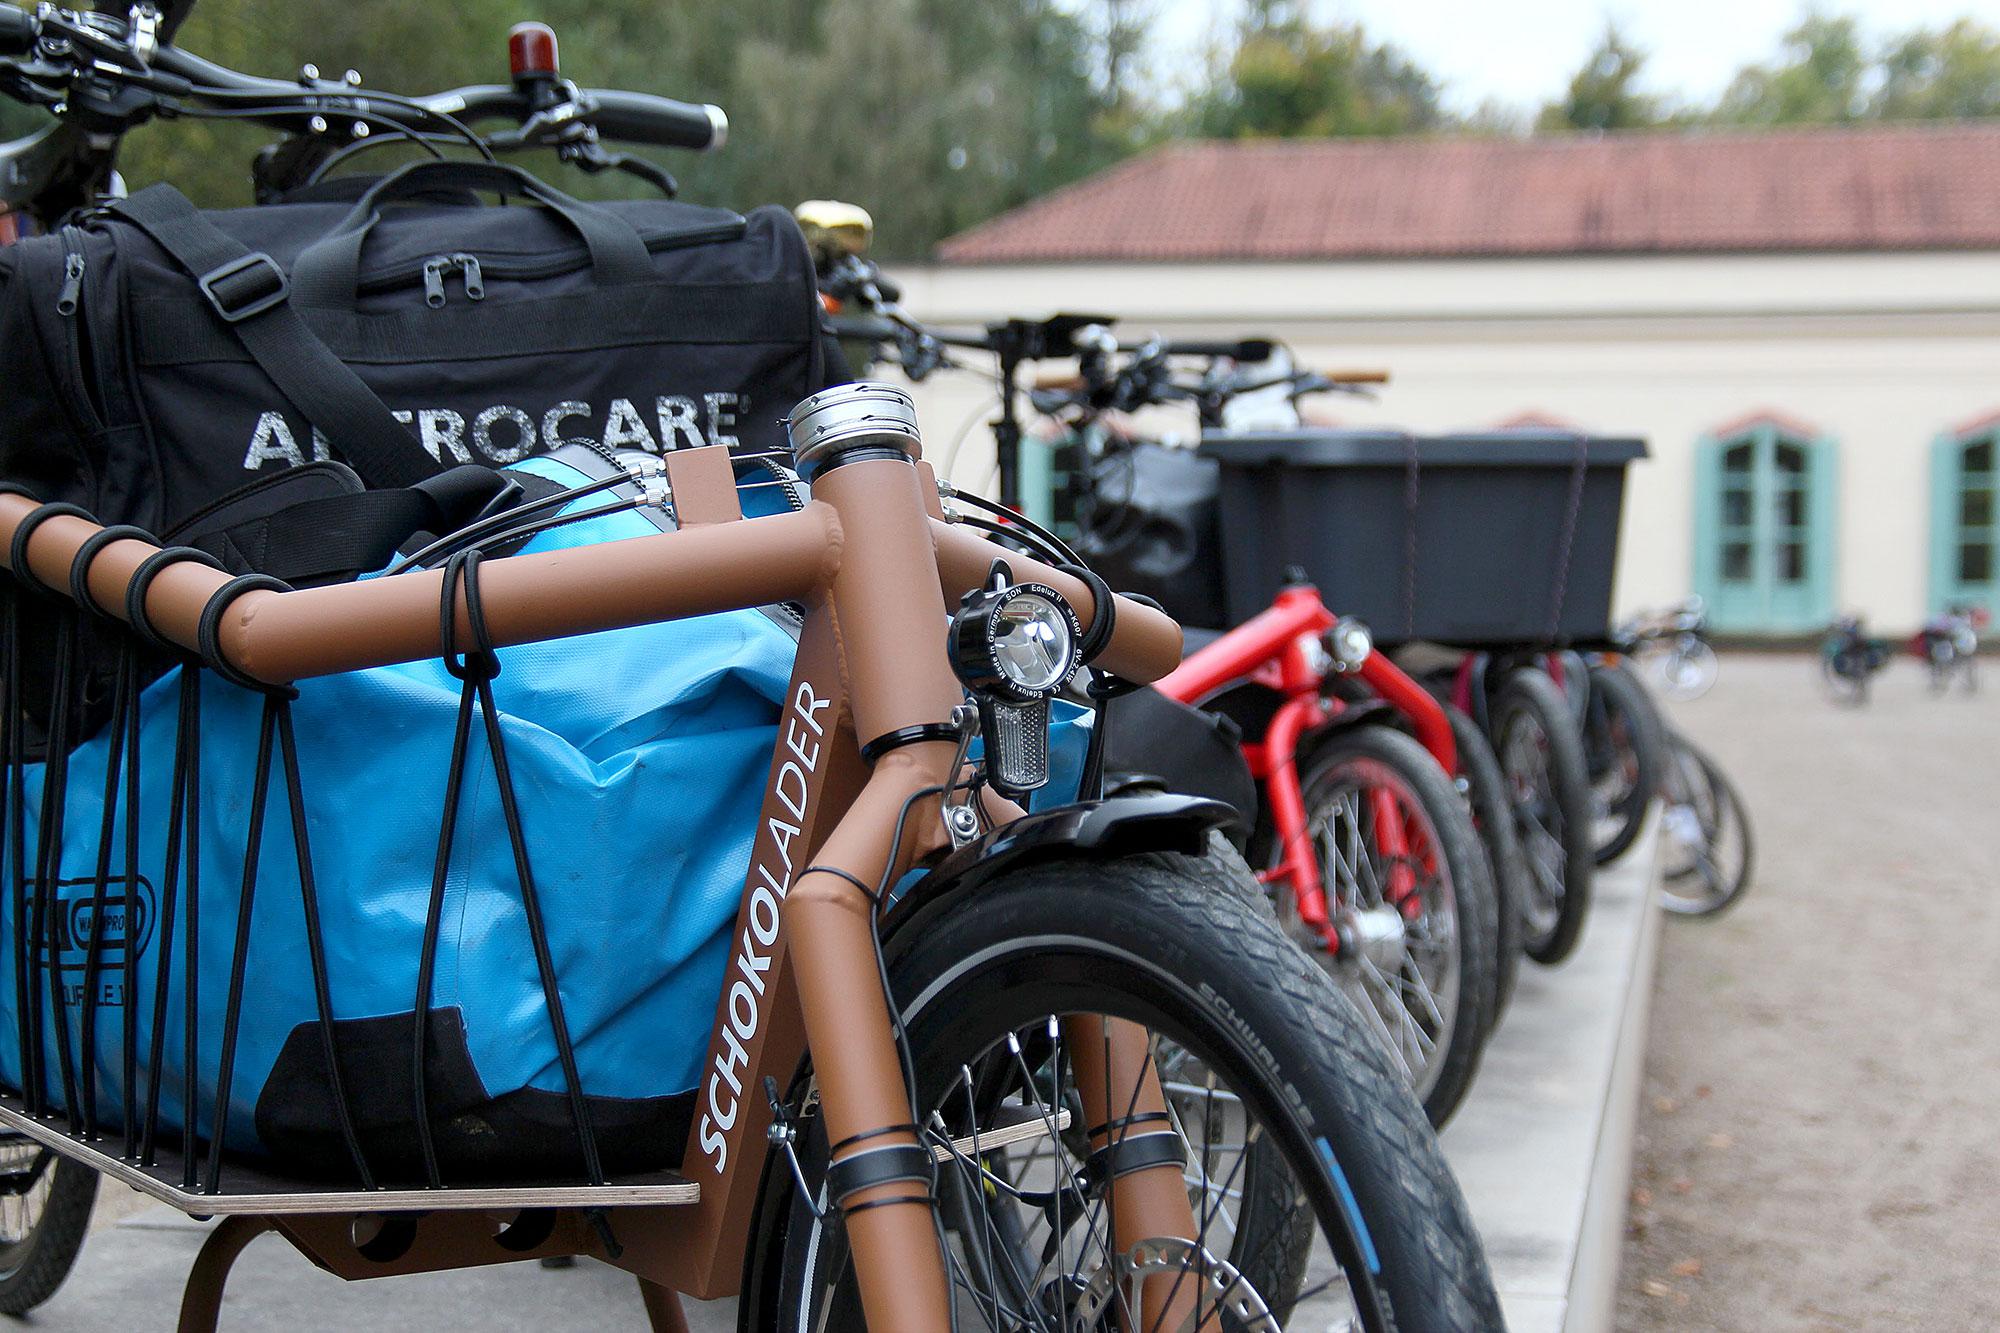 Mit dem Lastenrad emissionsfrei transportieren